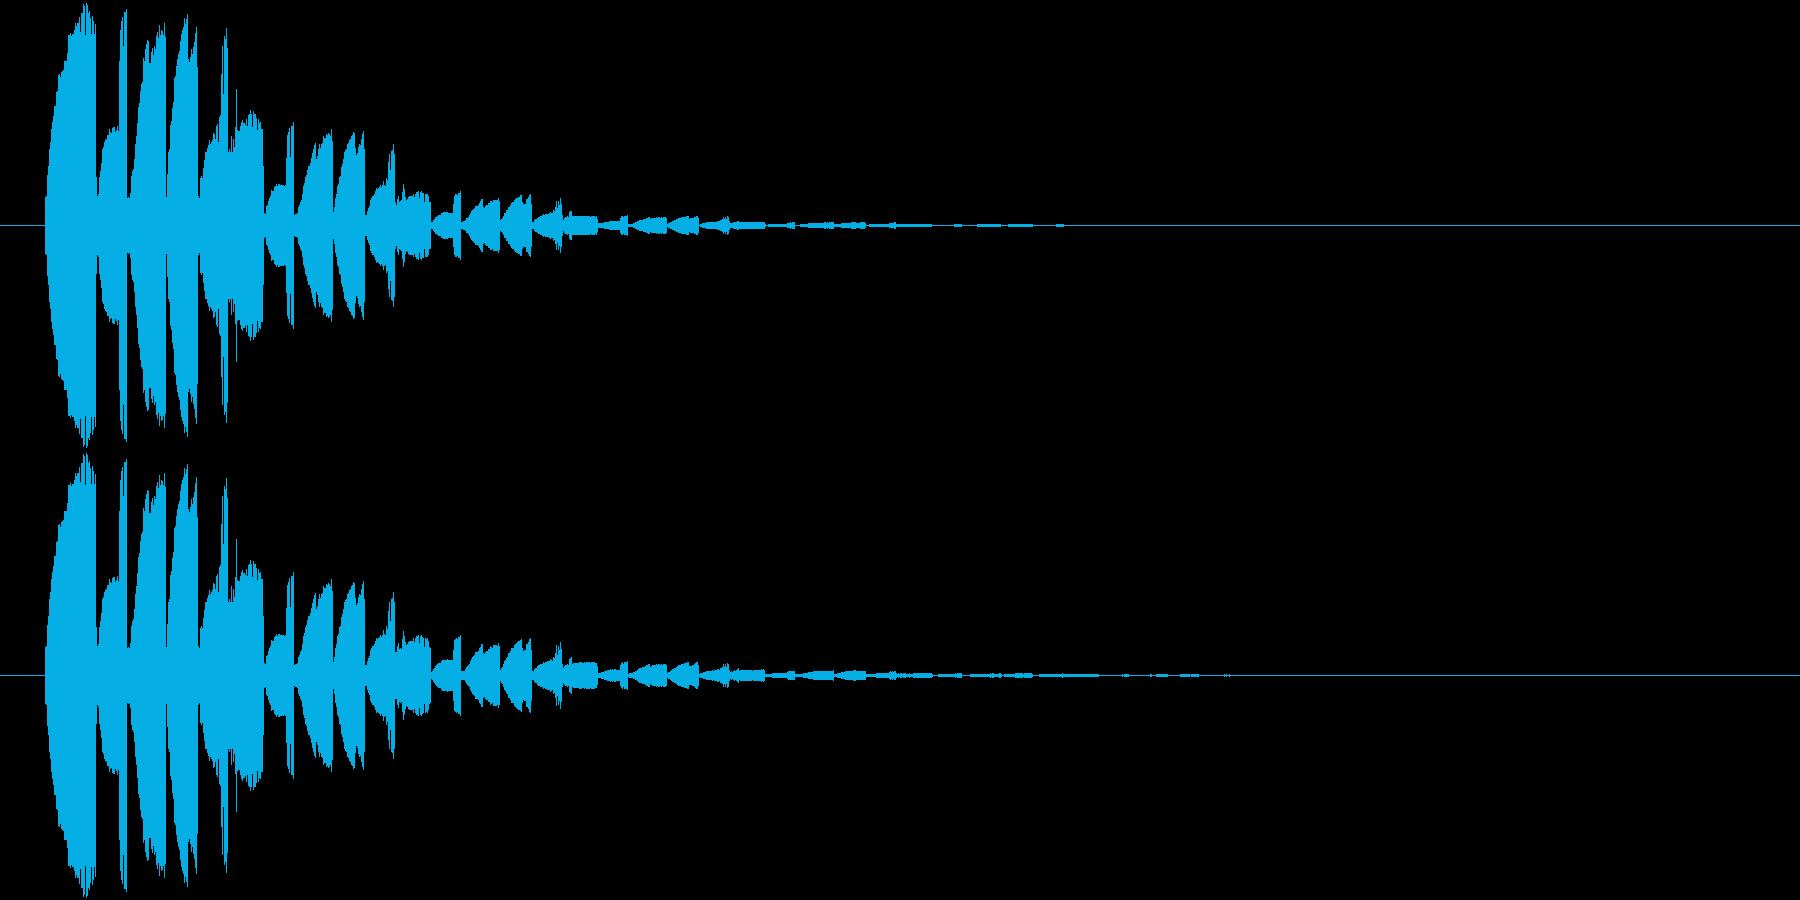 魔法発動時の音の再生済みの波形